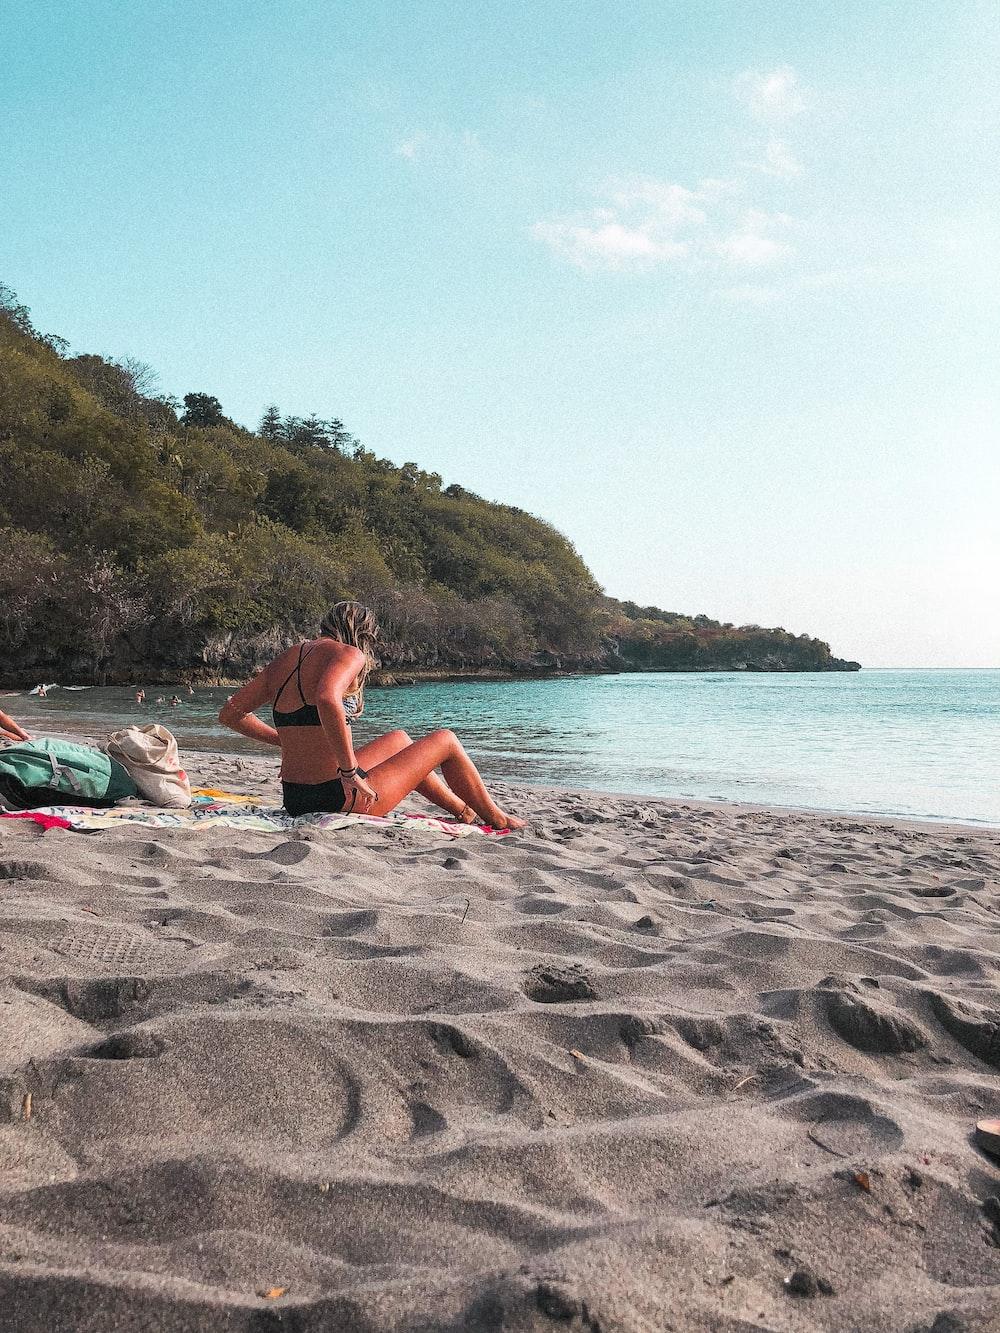 woman in bikini lying on beach sand during daytime